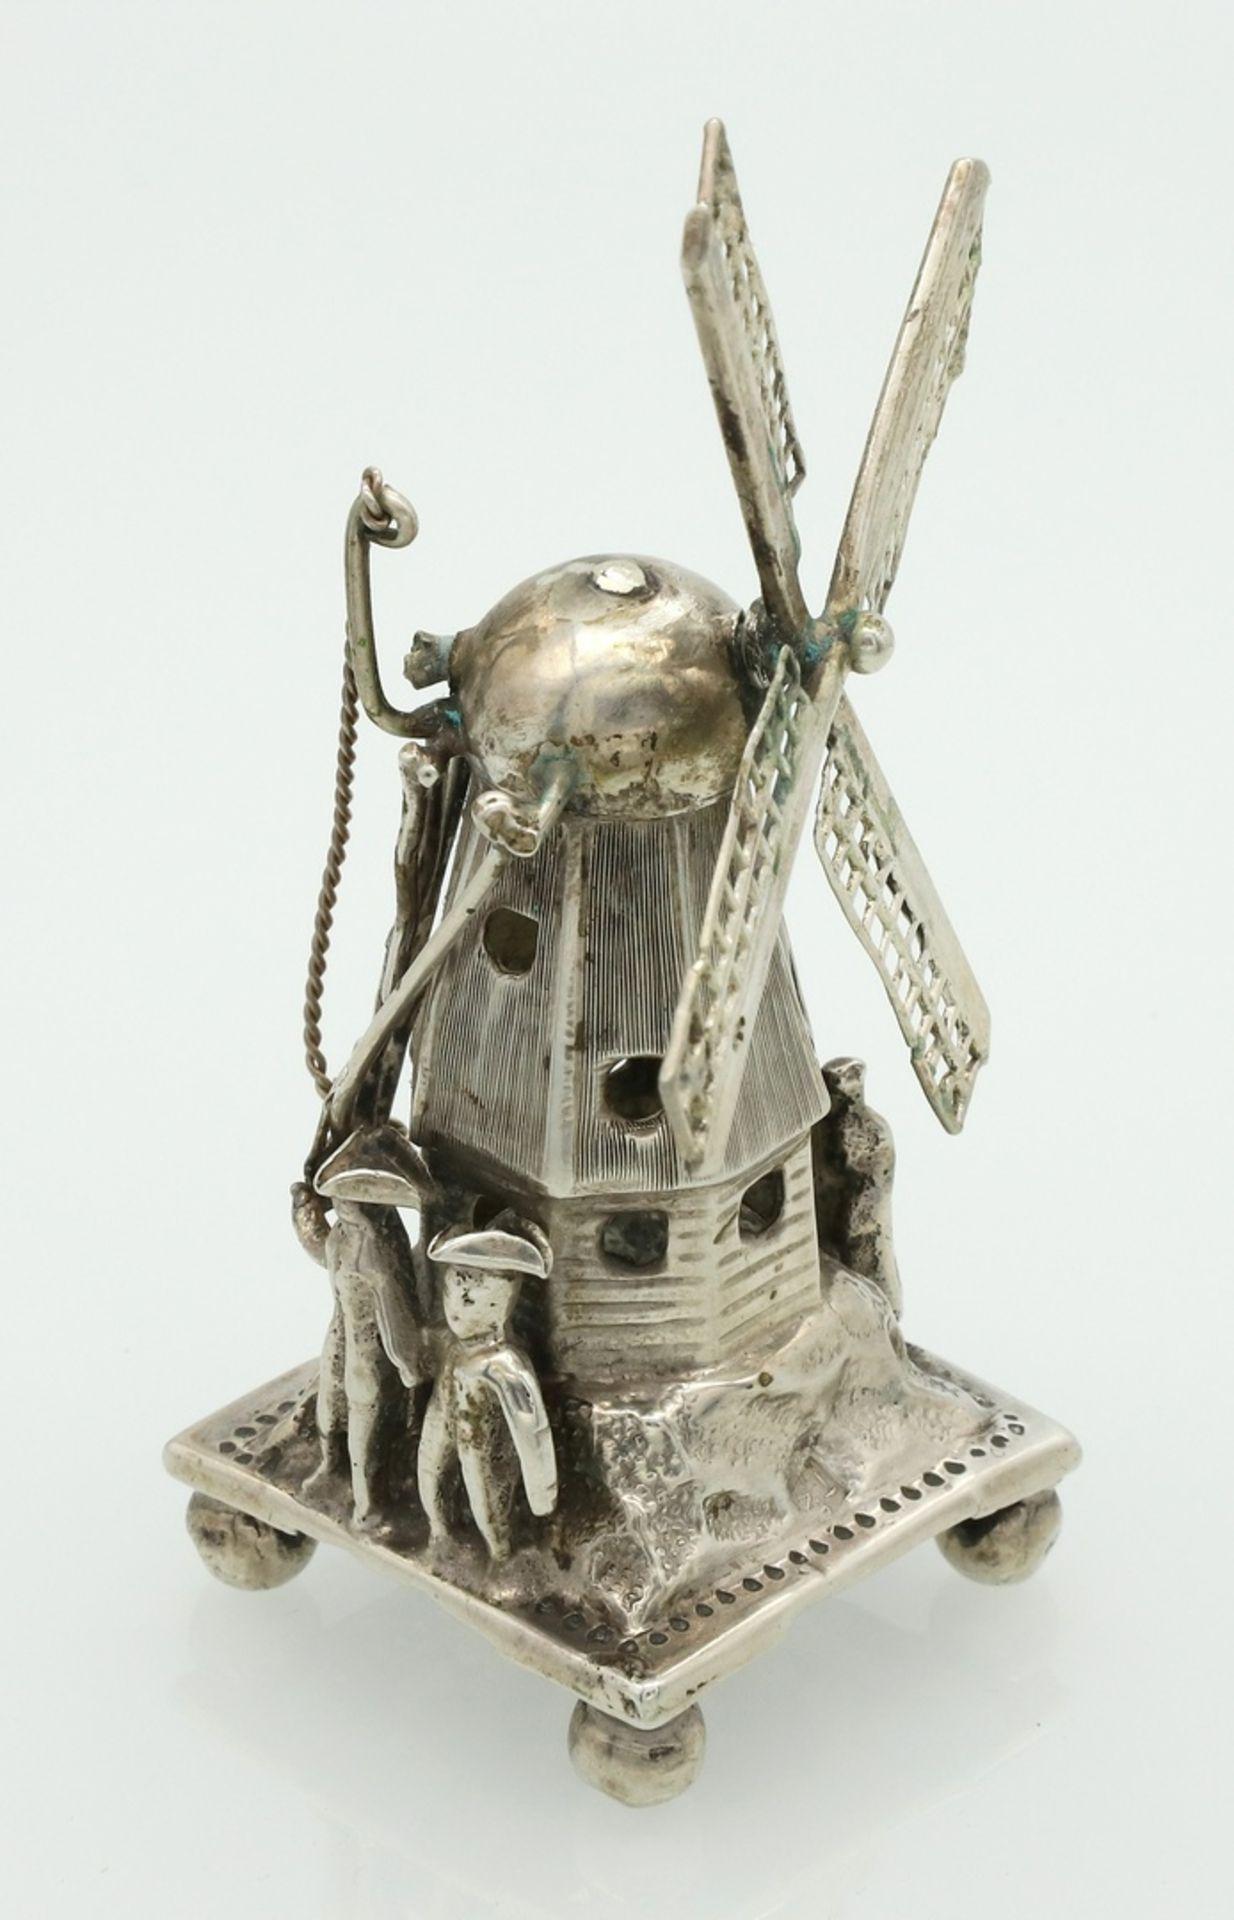 Miniatur einer Windmühle - Bild 4 aus 4